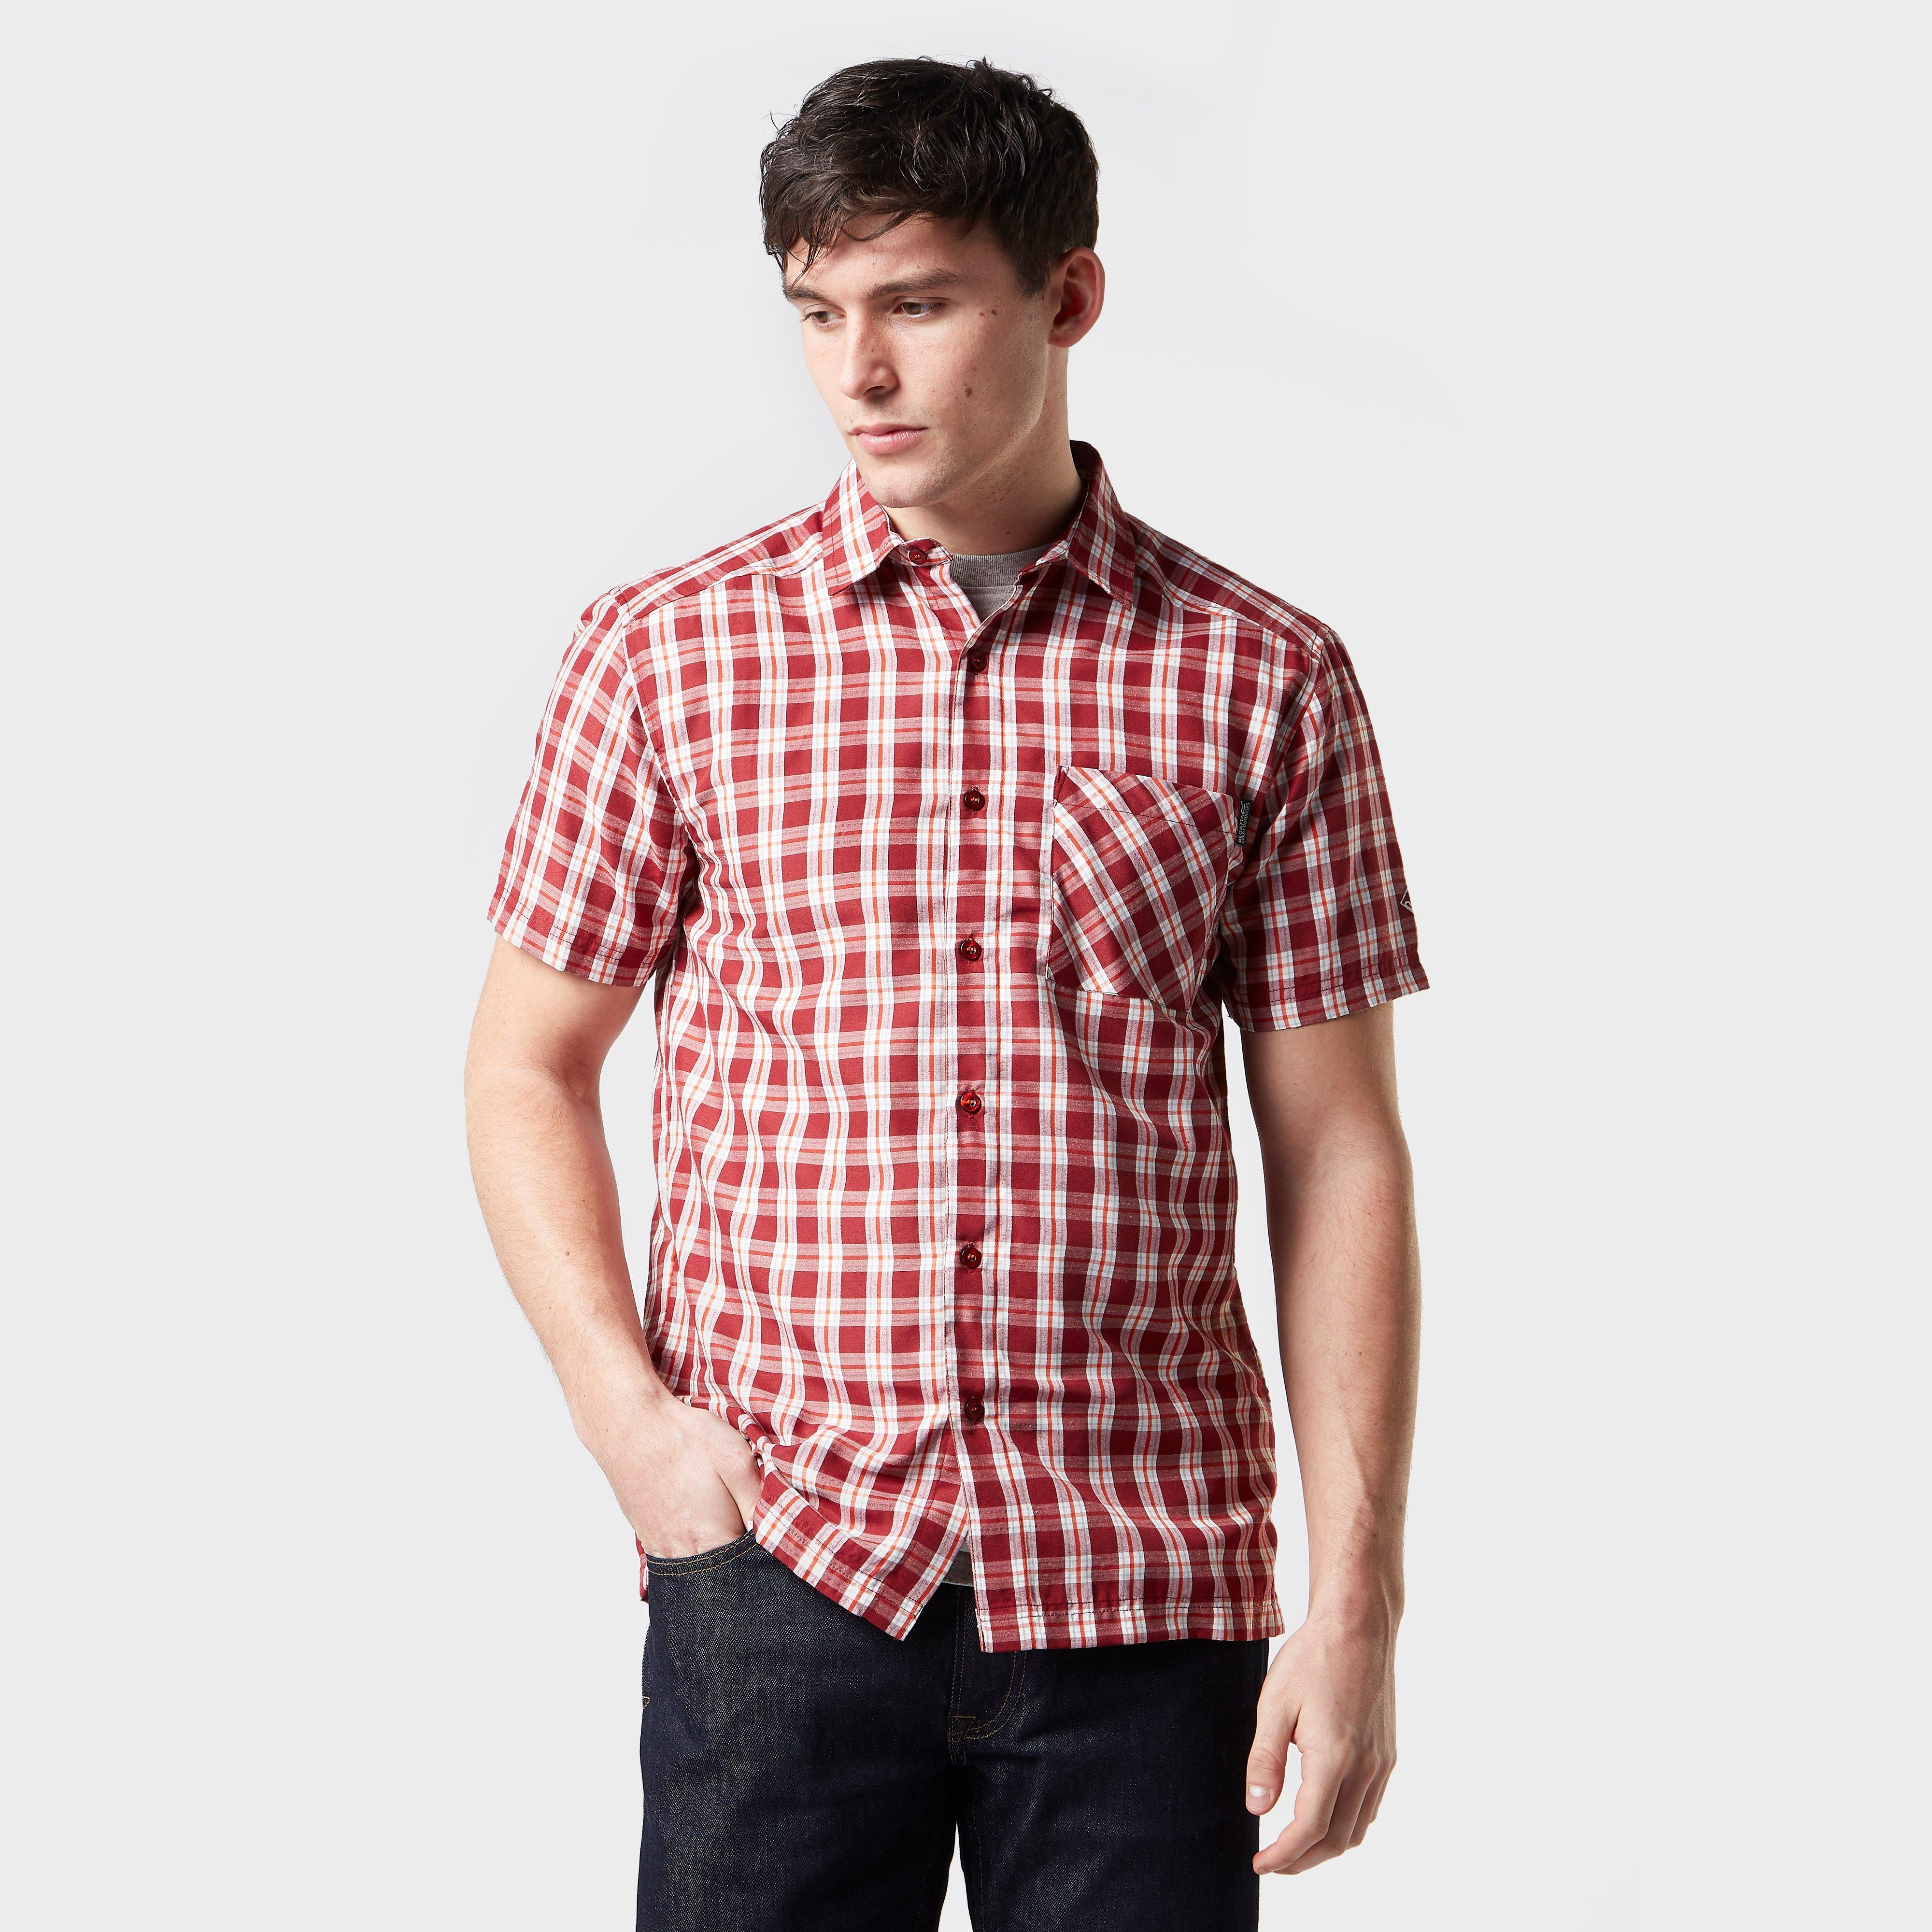 Regatta Regatta Mens Mindano V Long Sleeve Shirt - Red, Red